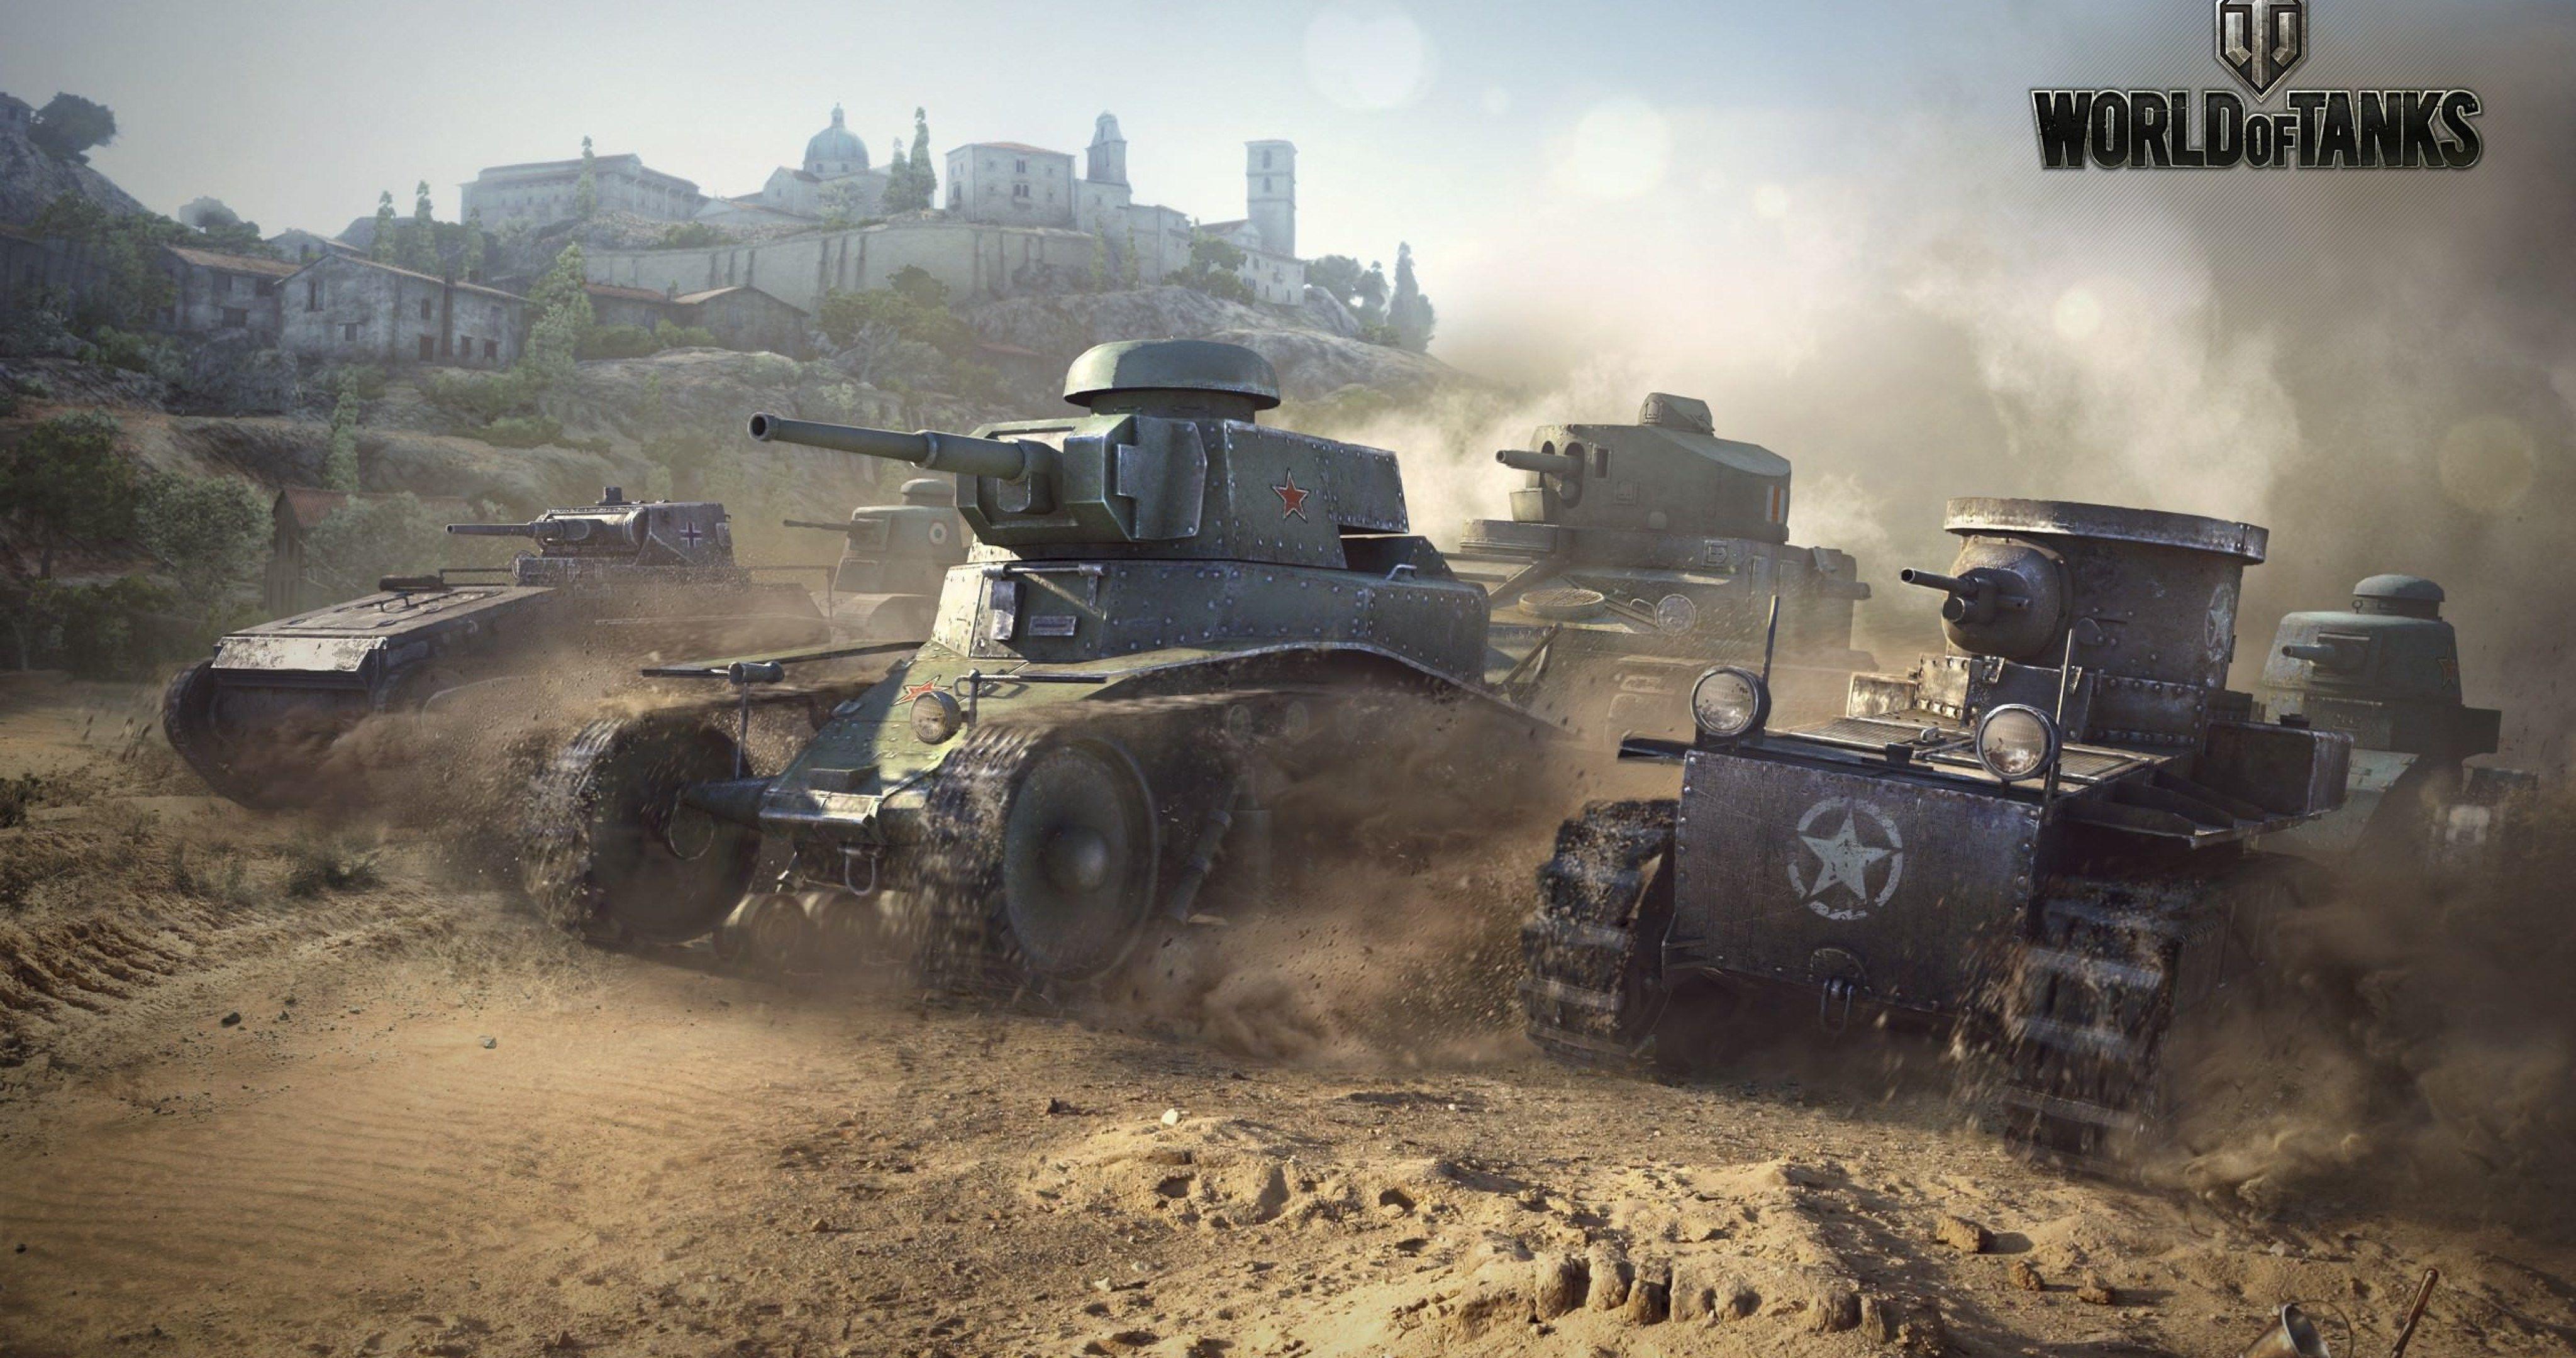 World Of Tanks Game 4k Ultra Hd Wallpaper World Of Tanks World